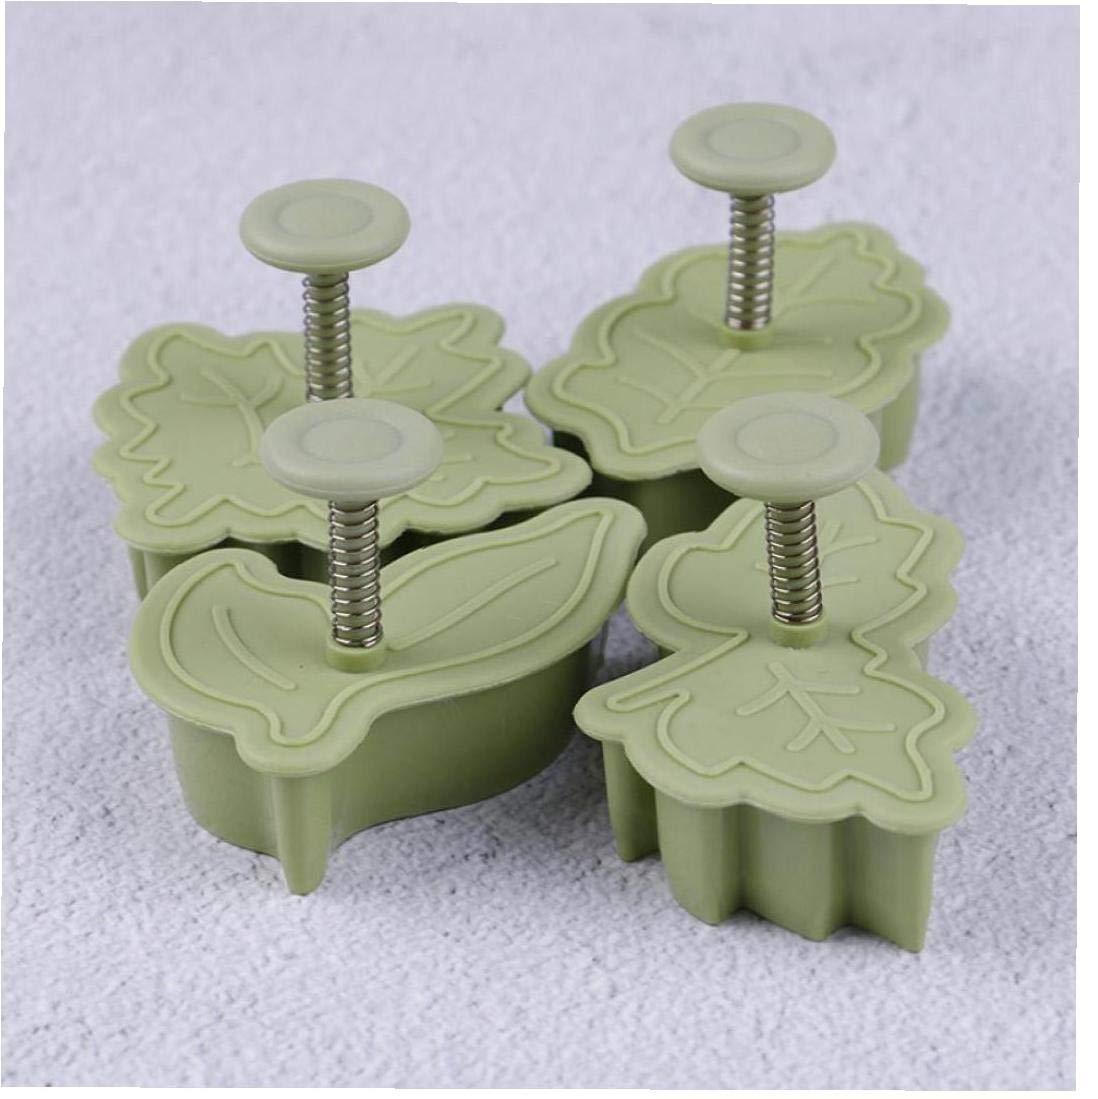 Forma 4pcs Set de cortadores de la galleta Moldes hoja de pl/ástico molde de la hornada de la galleta del cortador de pasteler/ía Fondant decoraci/ón de la galleta del molde Herramientas de la cocina